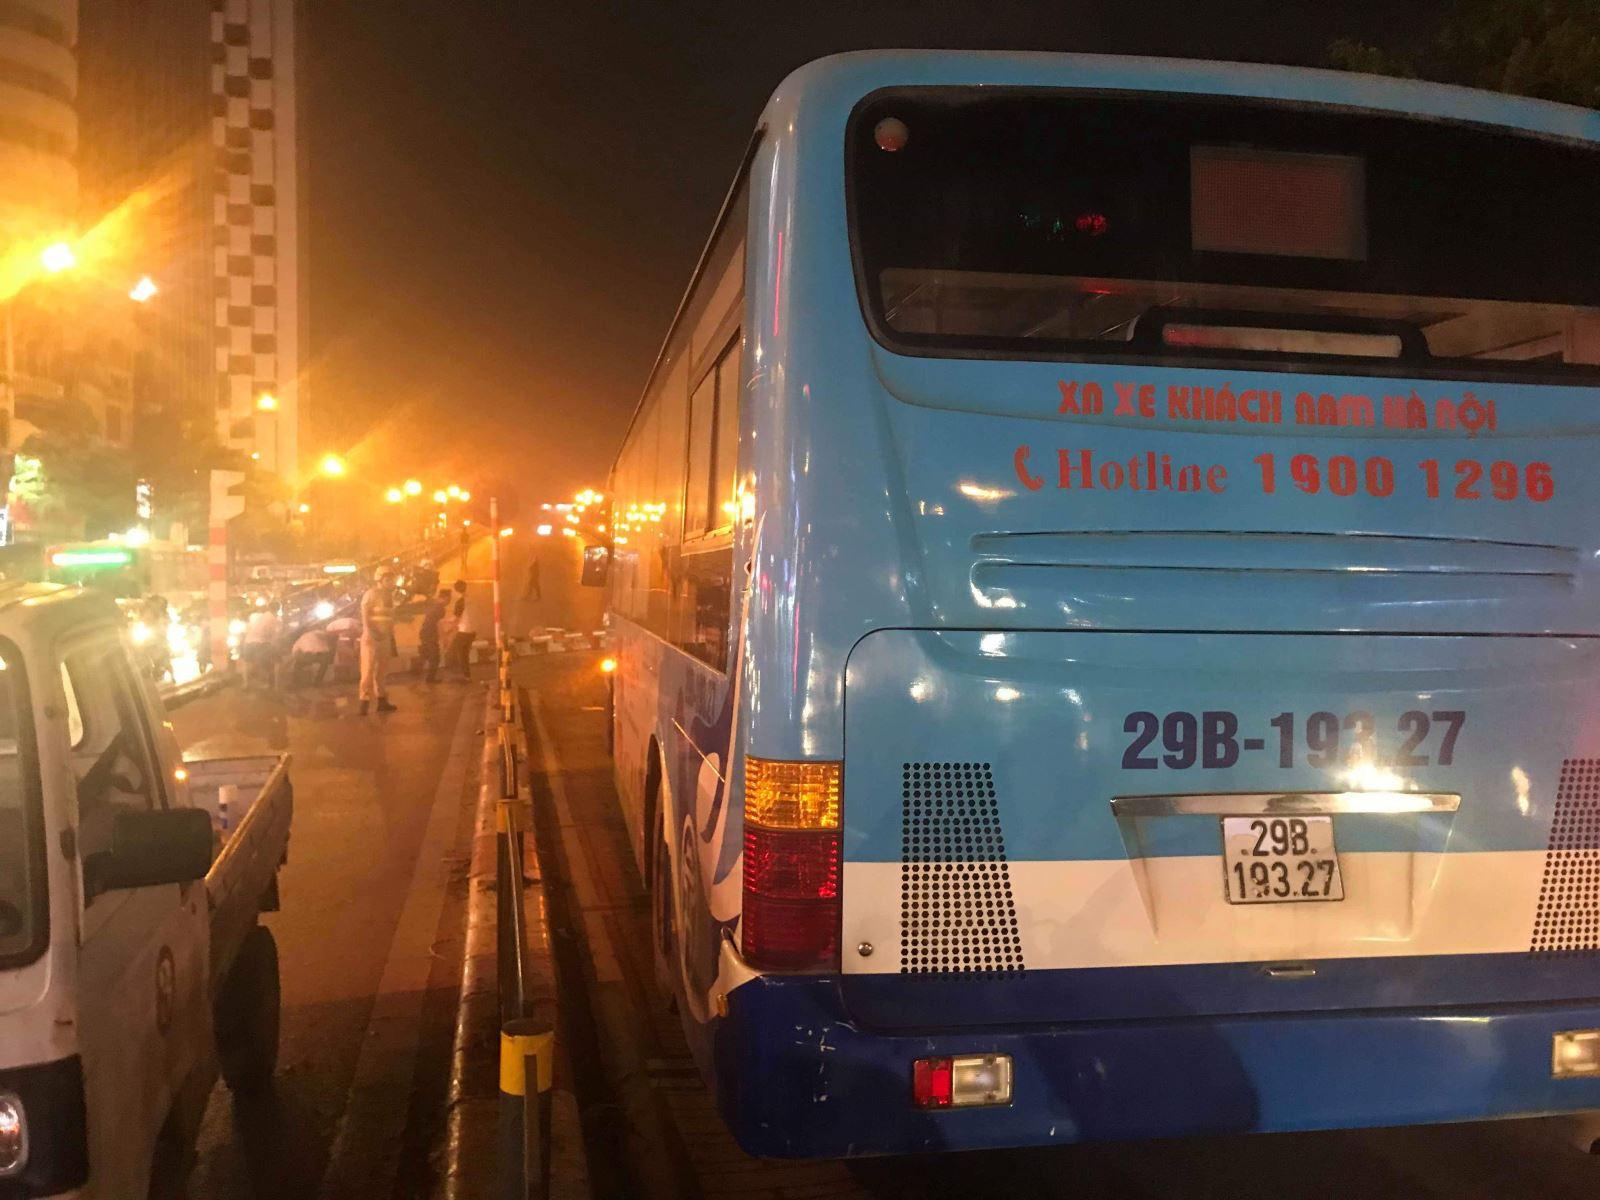 Hà Nội: Xe bus đâm sập rào chắn cầu vượt, giao thông ùn tắc nghiêm trọng - Ảnh 2.